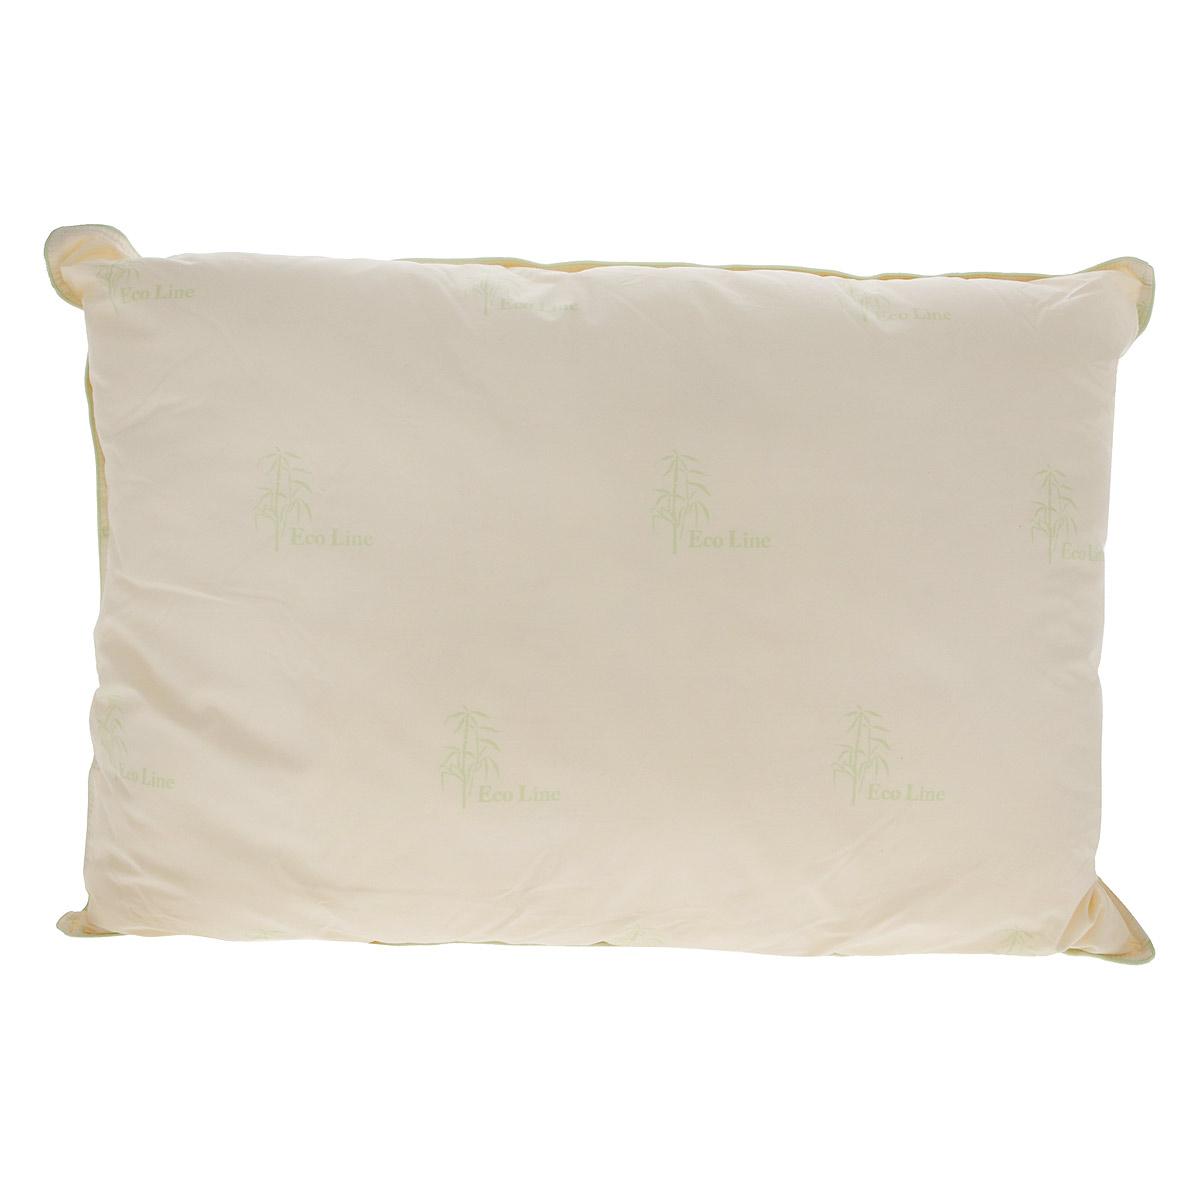 Подушка La Prima Бамбук, наполнитель: бамбук, полиэфирное волокно, цвет: бежевый, 50 х 70 см531-105Подушка La Prima Бамбук очень легкая, воздушная и одновременно теплая. Идеально подойдет тем, кто ценит мягкость и тепло. Такое изделие подарит комфортный сон. Чехол подушки выполнен из 100% хлопка, оформлен изображением бамбука. Наполнитель - натуральные волокна бамбука. Бамбук обладает антибактериальным эффектом, поддерживает внутренний микроклимат, успокаивает, восстанавливает силы, гипоаллергенен. Ручная стирка при температуре 30°С. Материал чехла: 100% хлопок.Наполнитель: бамбук, полиэфирное волокно.